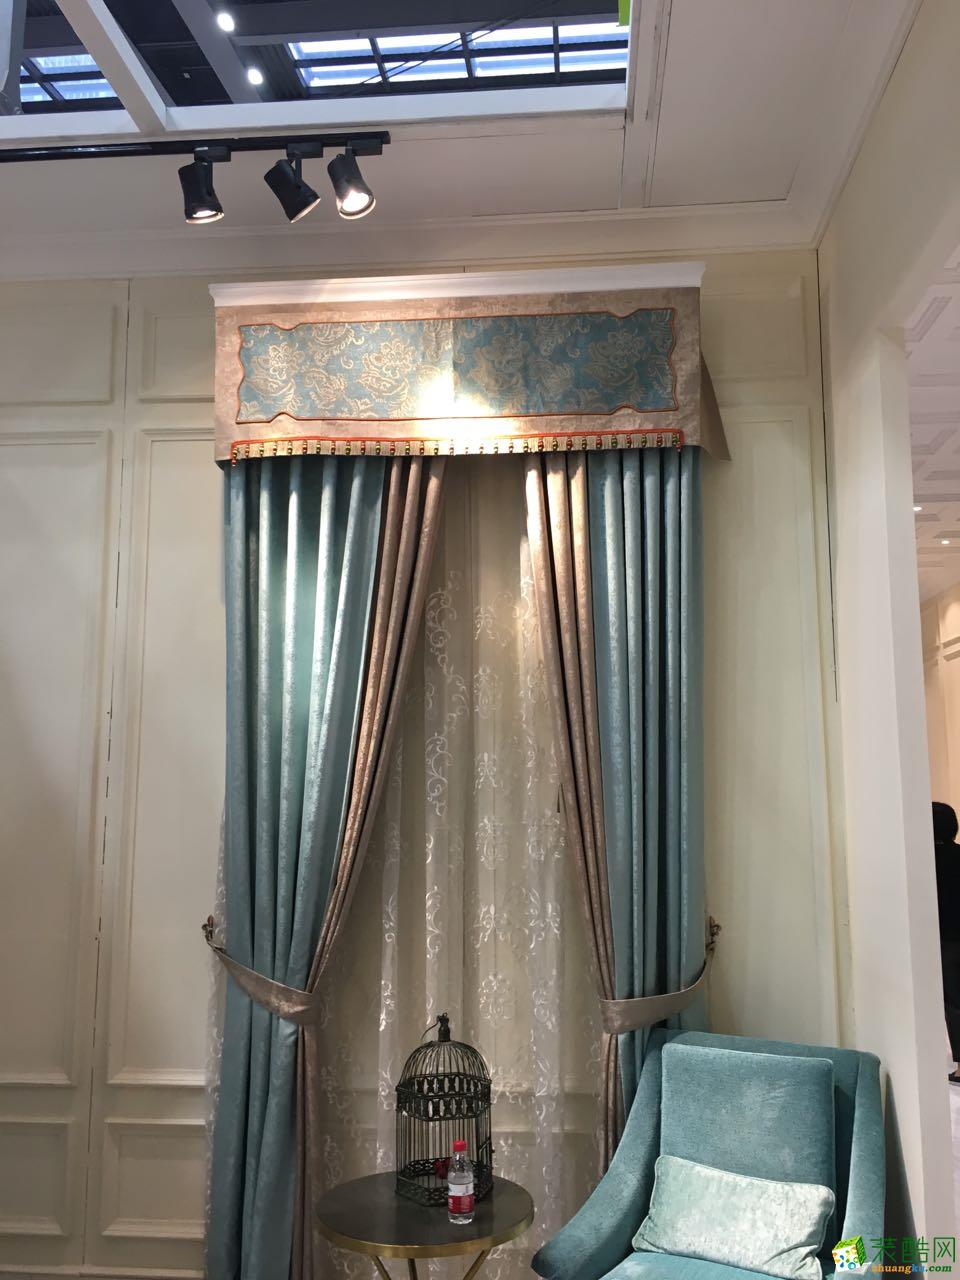 【洛克维维贝拉整体软装】窗帘不美,房间怎么装修也不美!